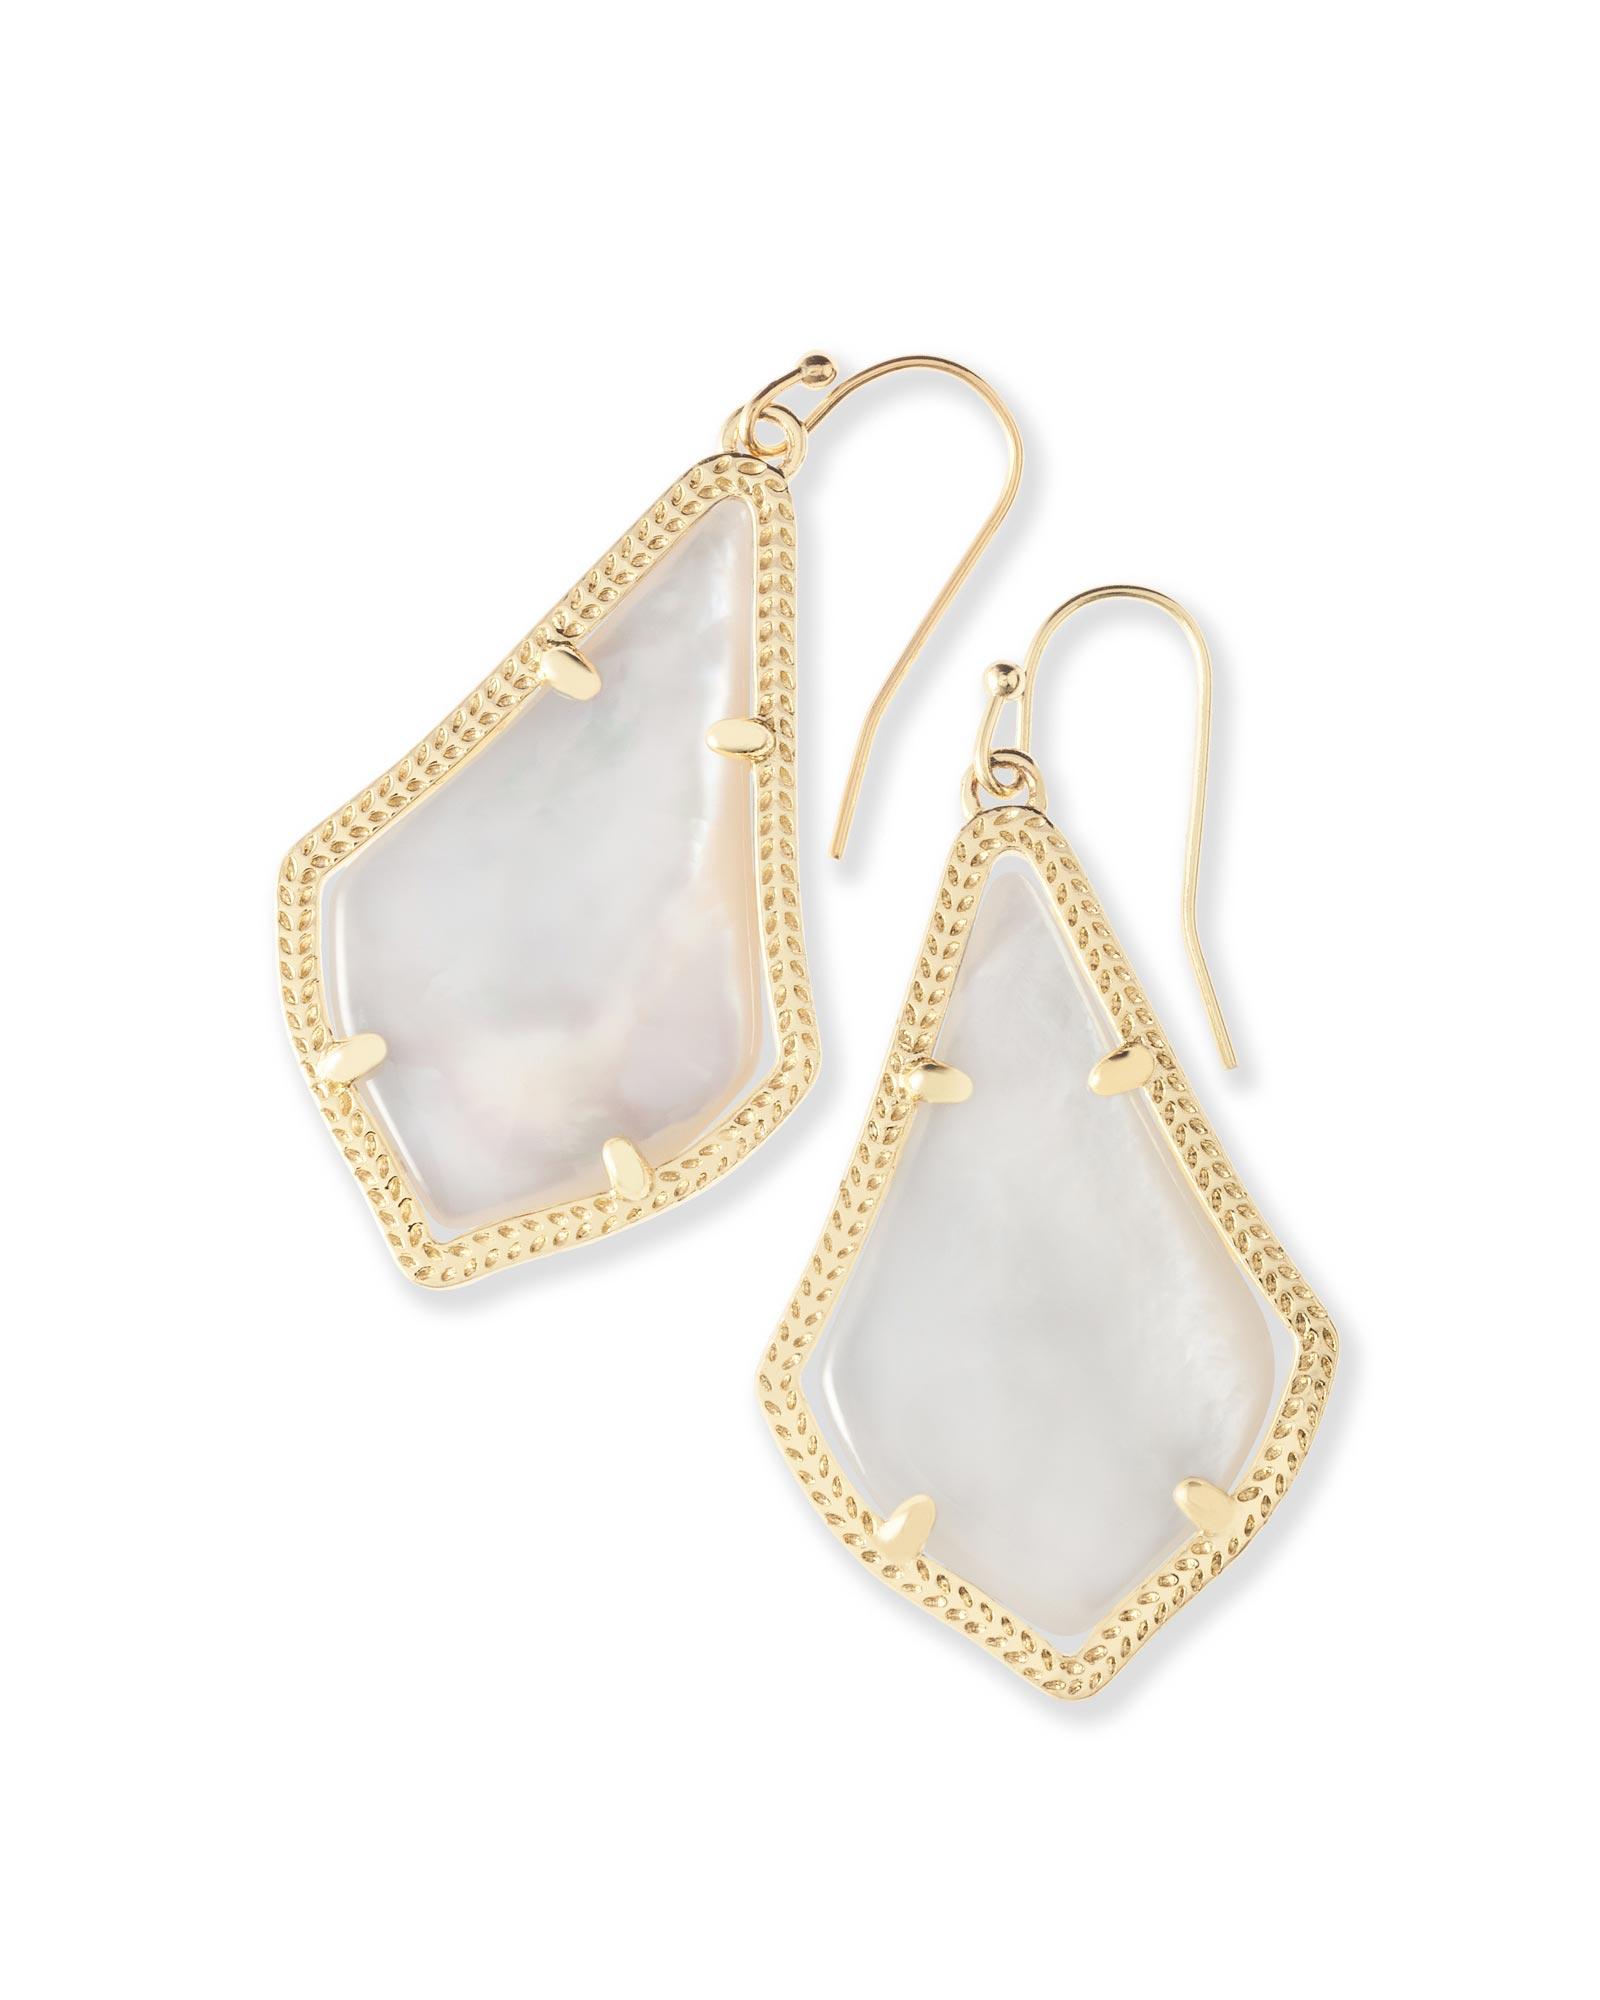 Alex gold drop earrings in ivory pearl kendra scott for Kendra scott fine jewelry